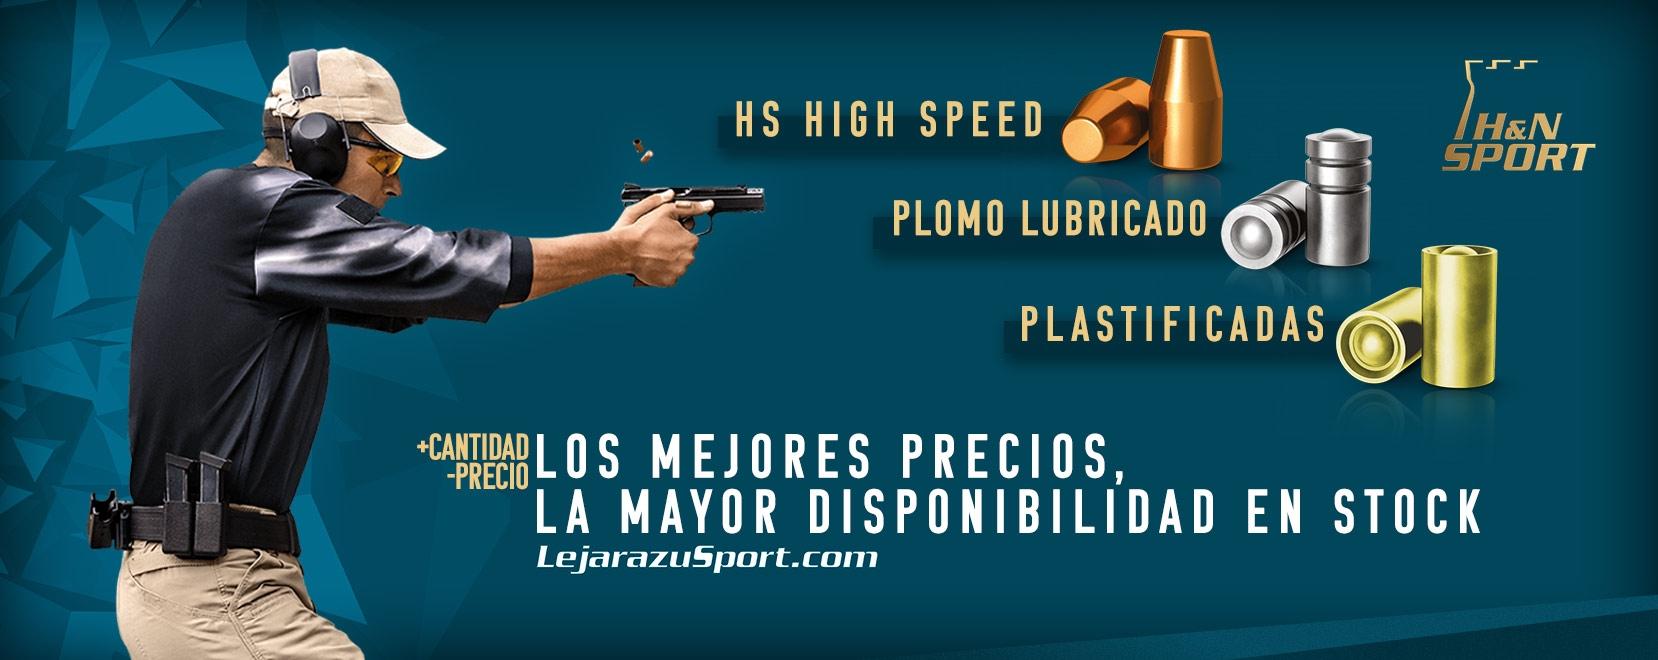 Puntas H&N Sport en LejarazuSport.com